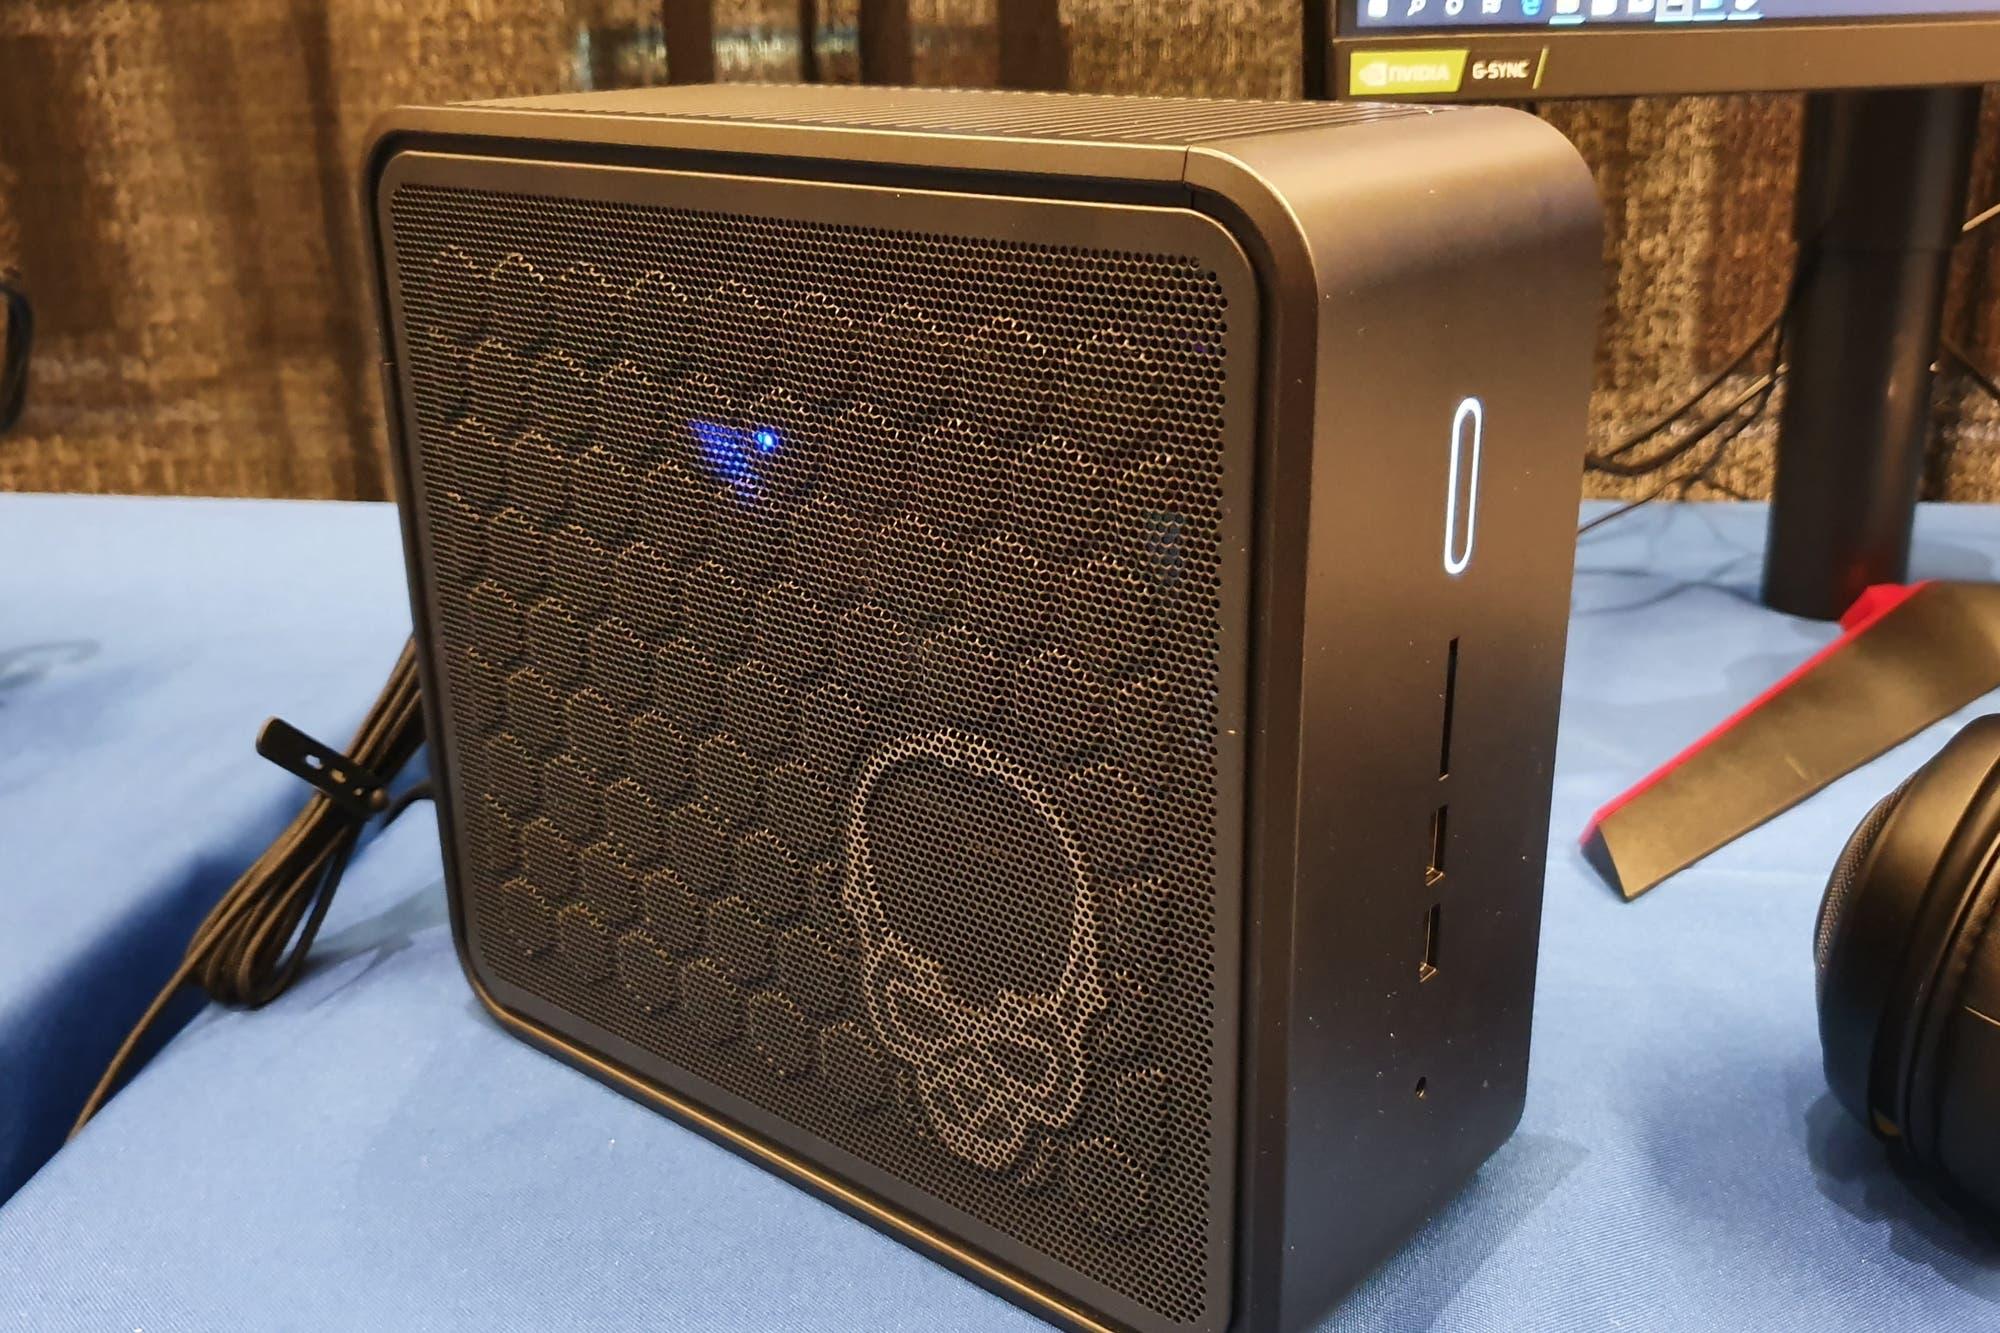 CES 2020: probamos la NUC 9 Extreme Kit, la mini PC gamer modular de Intel